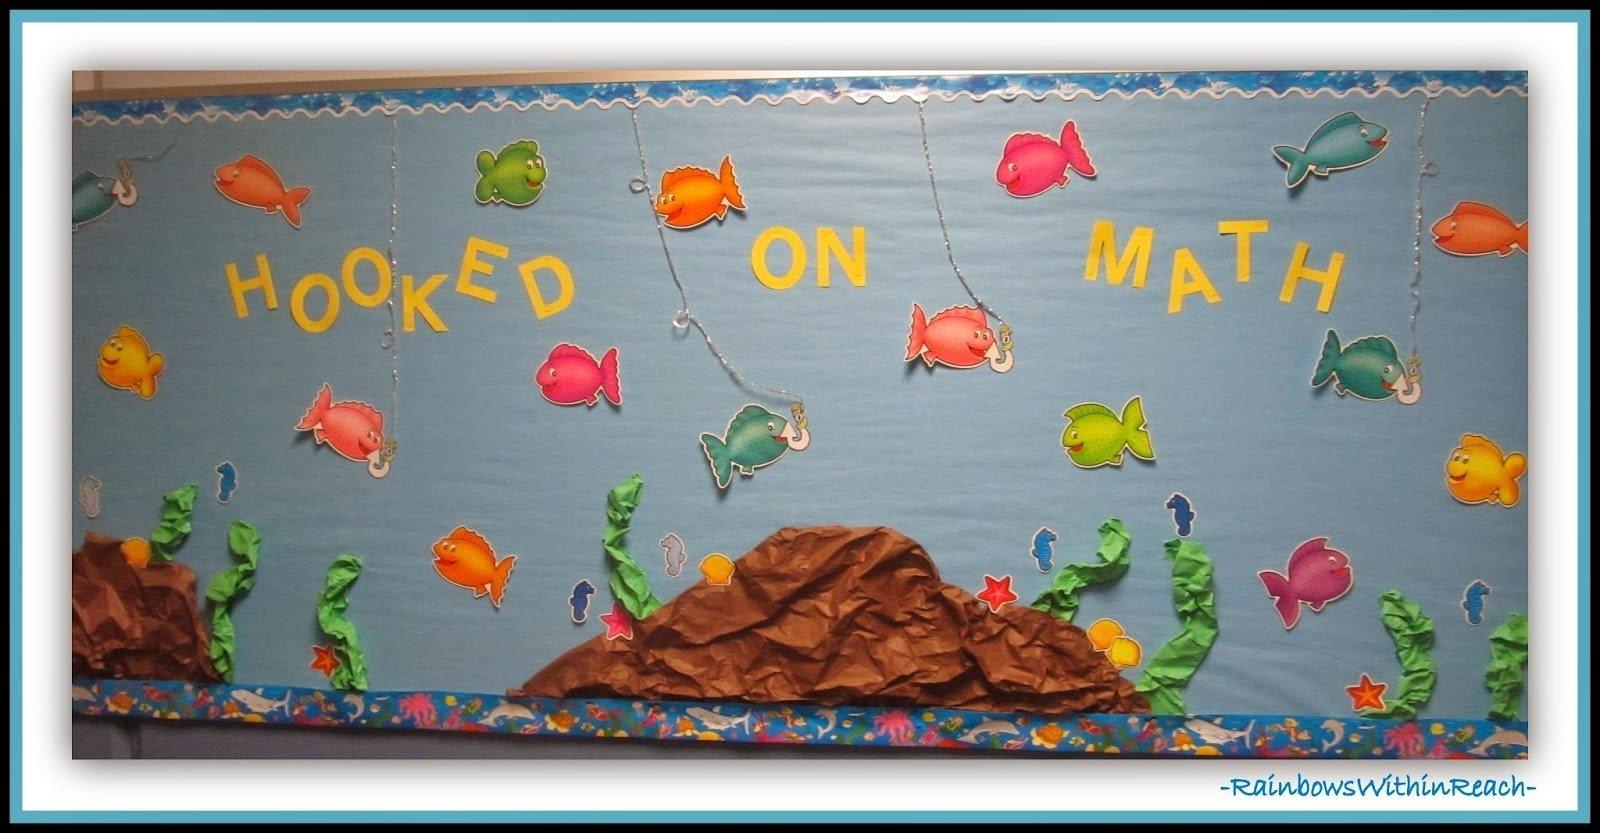 10 Fabulous Elementary School Bulletin Board Ideas www rainbowswithinreach blogspot 4 2020